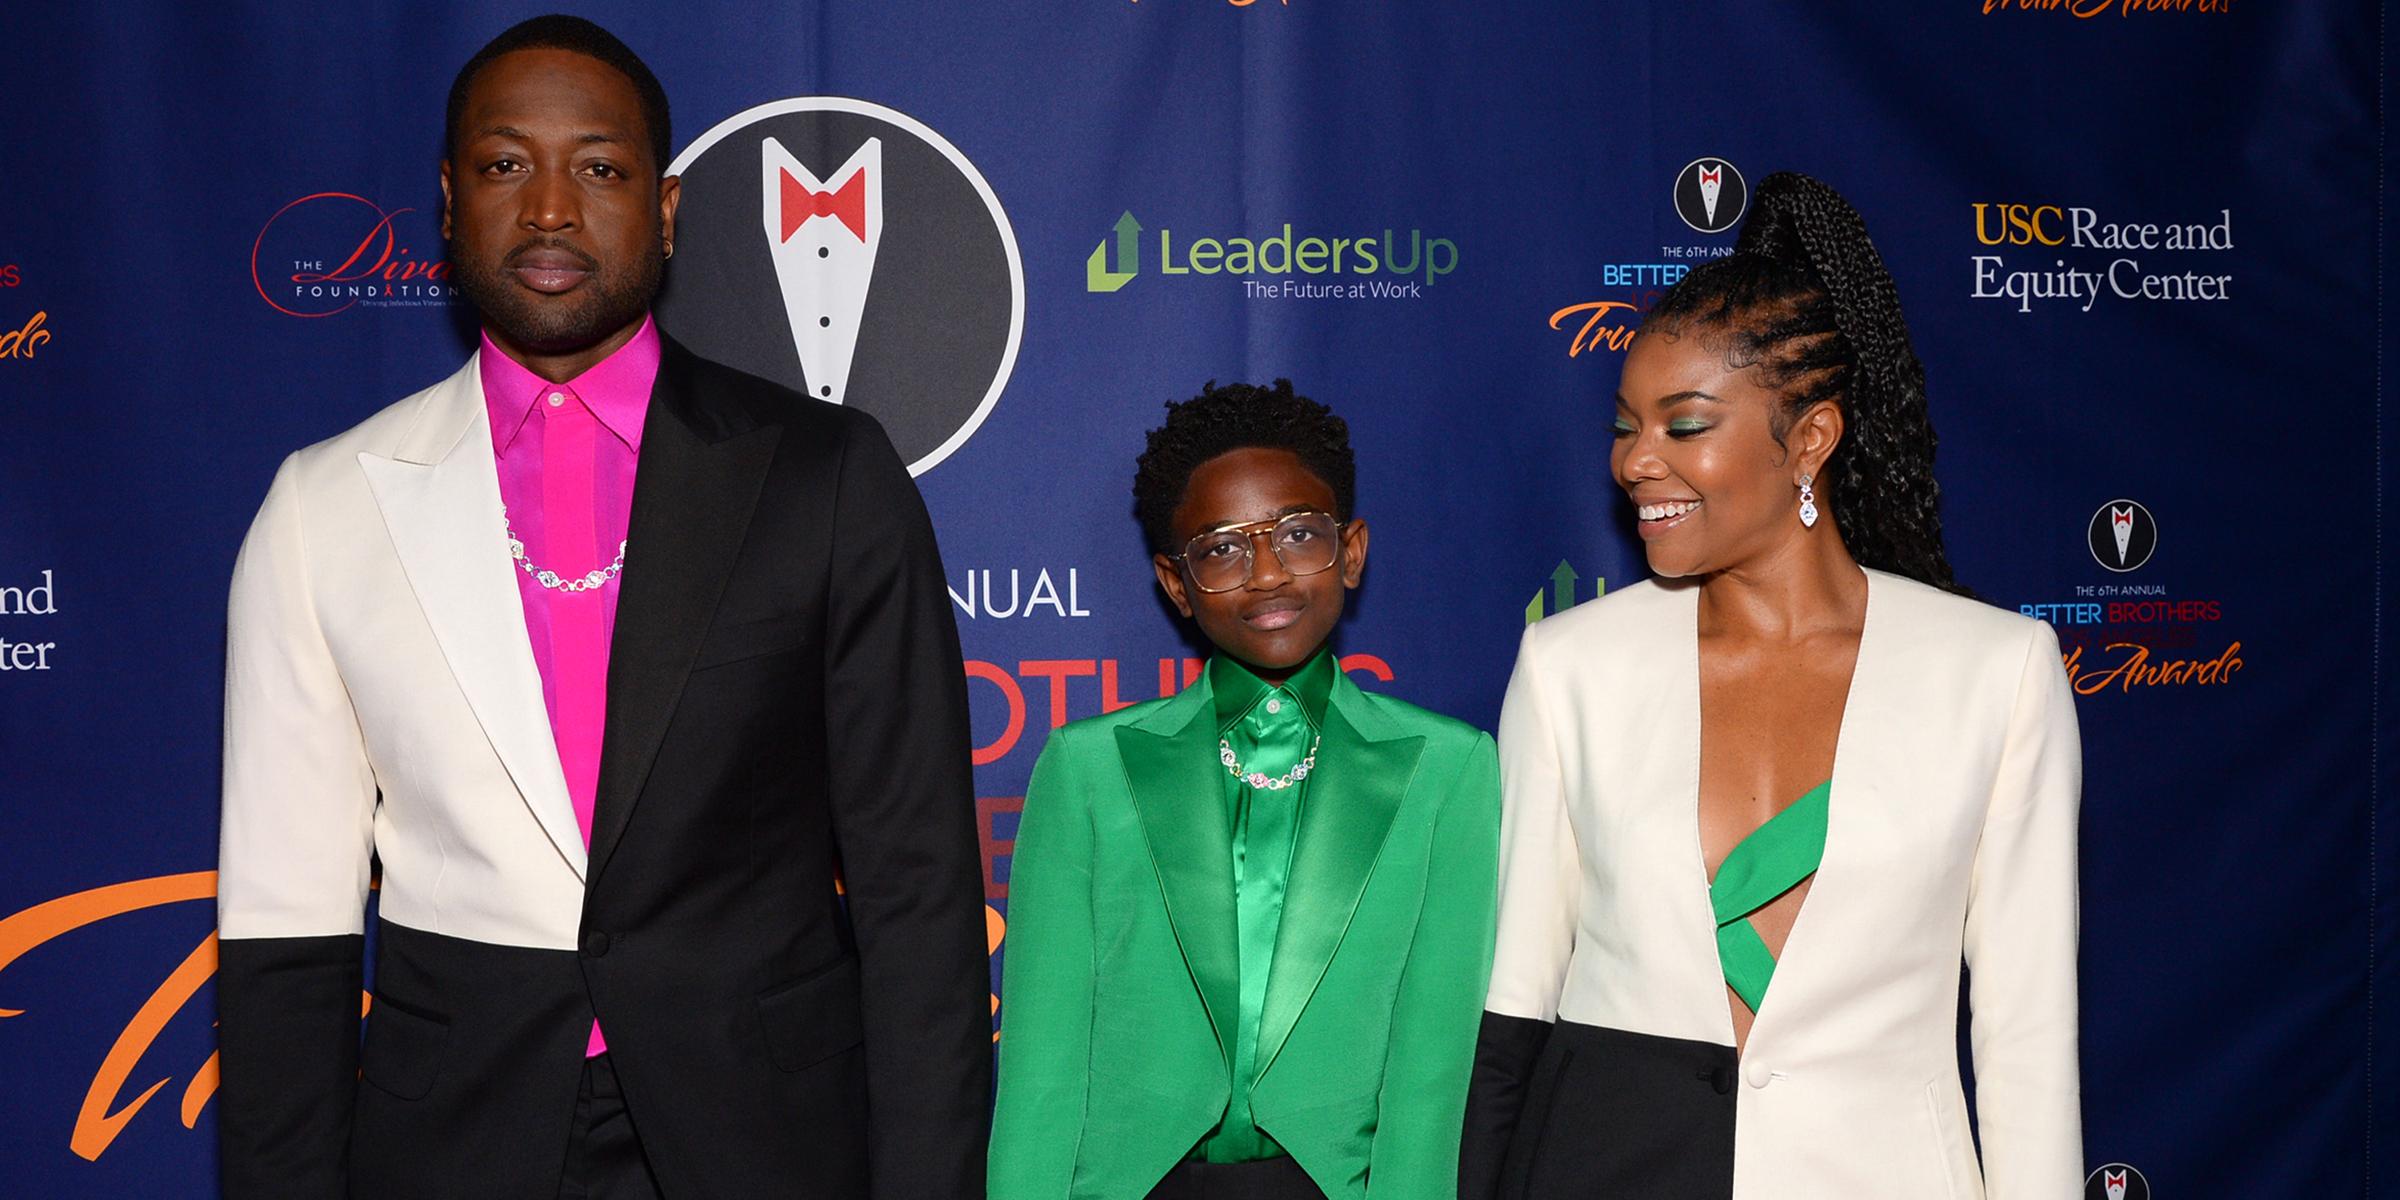 Dwyane Wade's 12-year-old daughter, Zaya, makes her red carpet debut